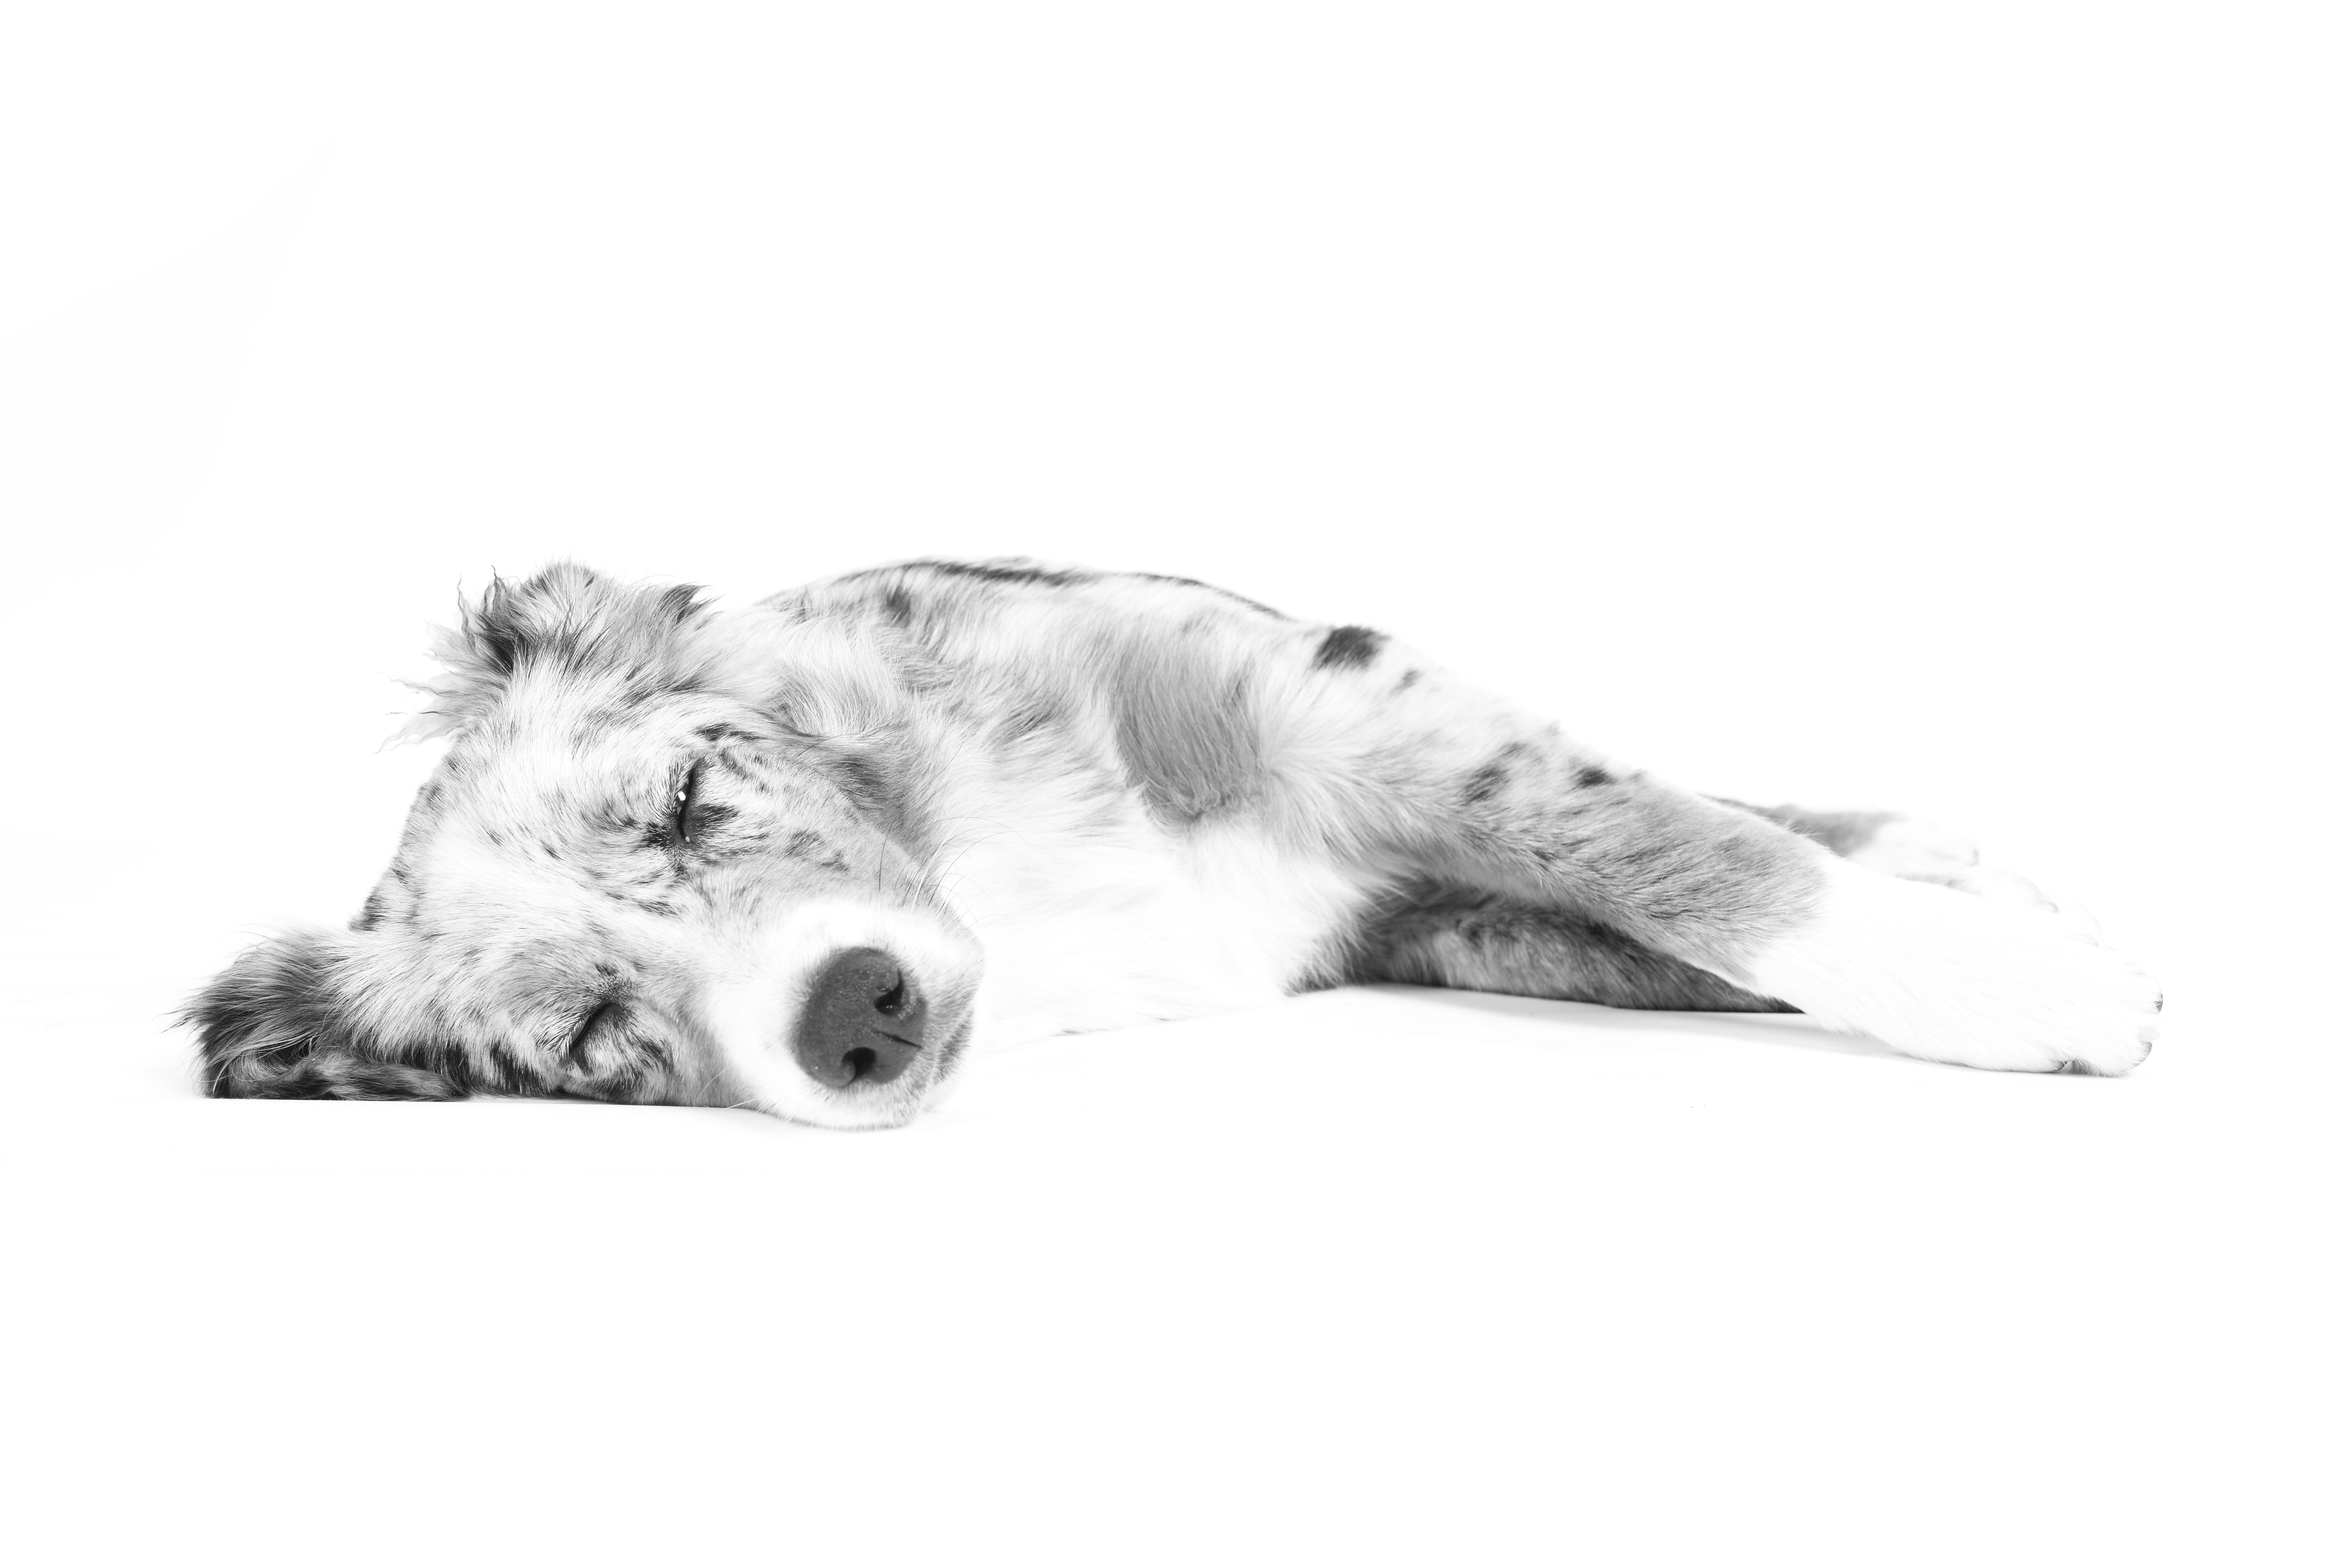 Koleksi Gambar Sketsa Anjing Sedang Tidur Dibawah Pohon